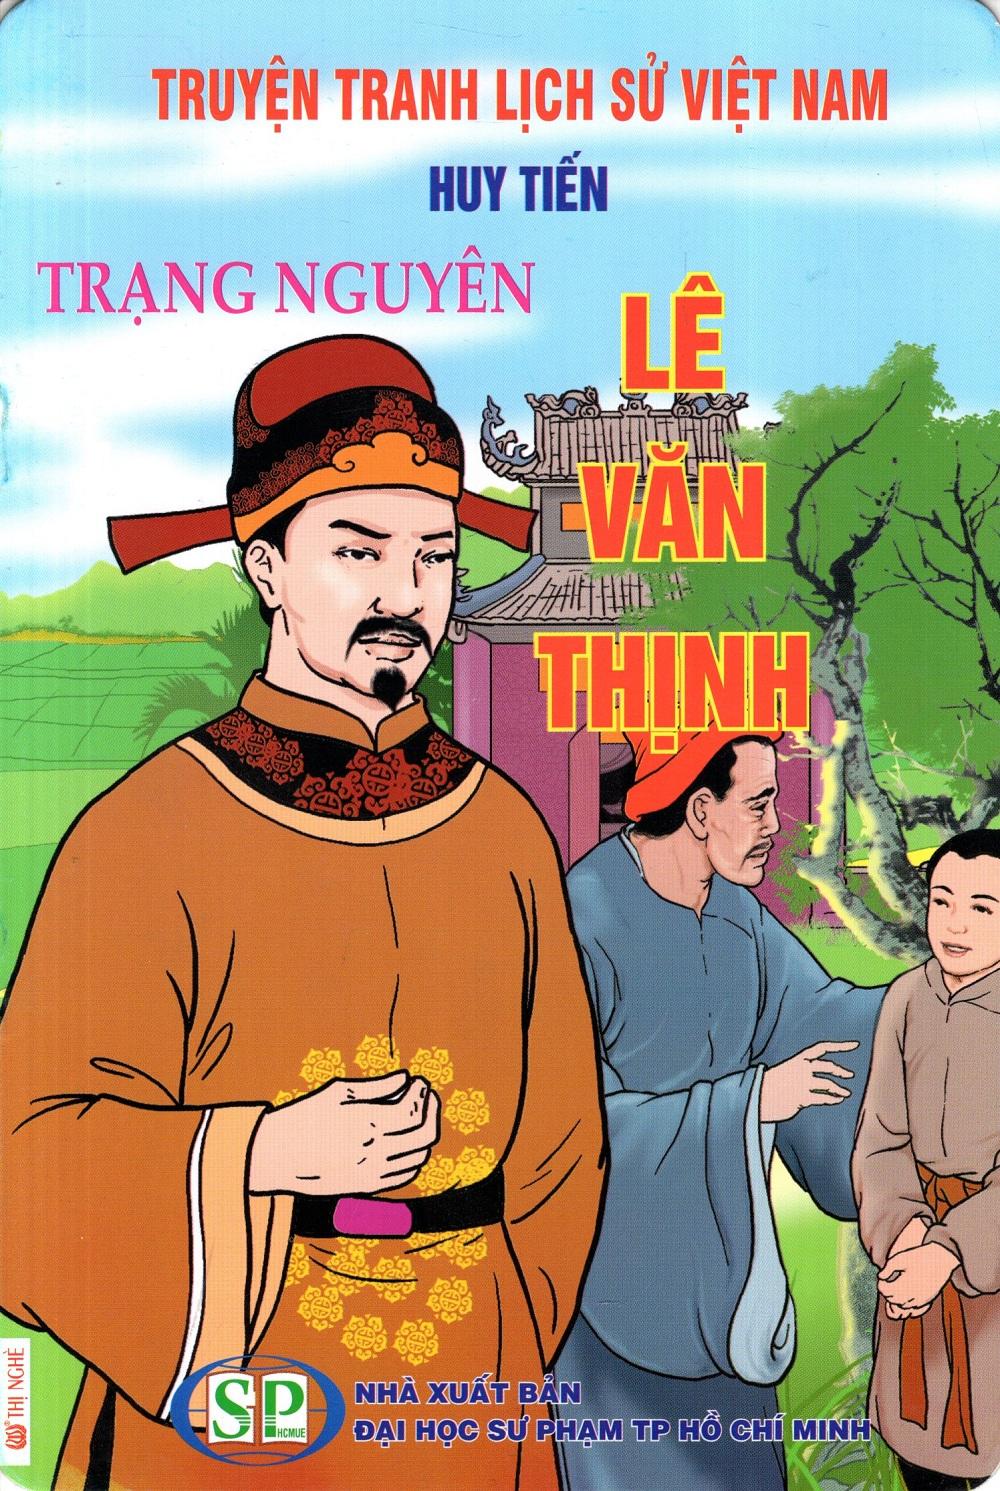 Truyện Tranh Lịch Sử Việt Nam - Trạng Nguyên Lê Văn Thịnh